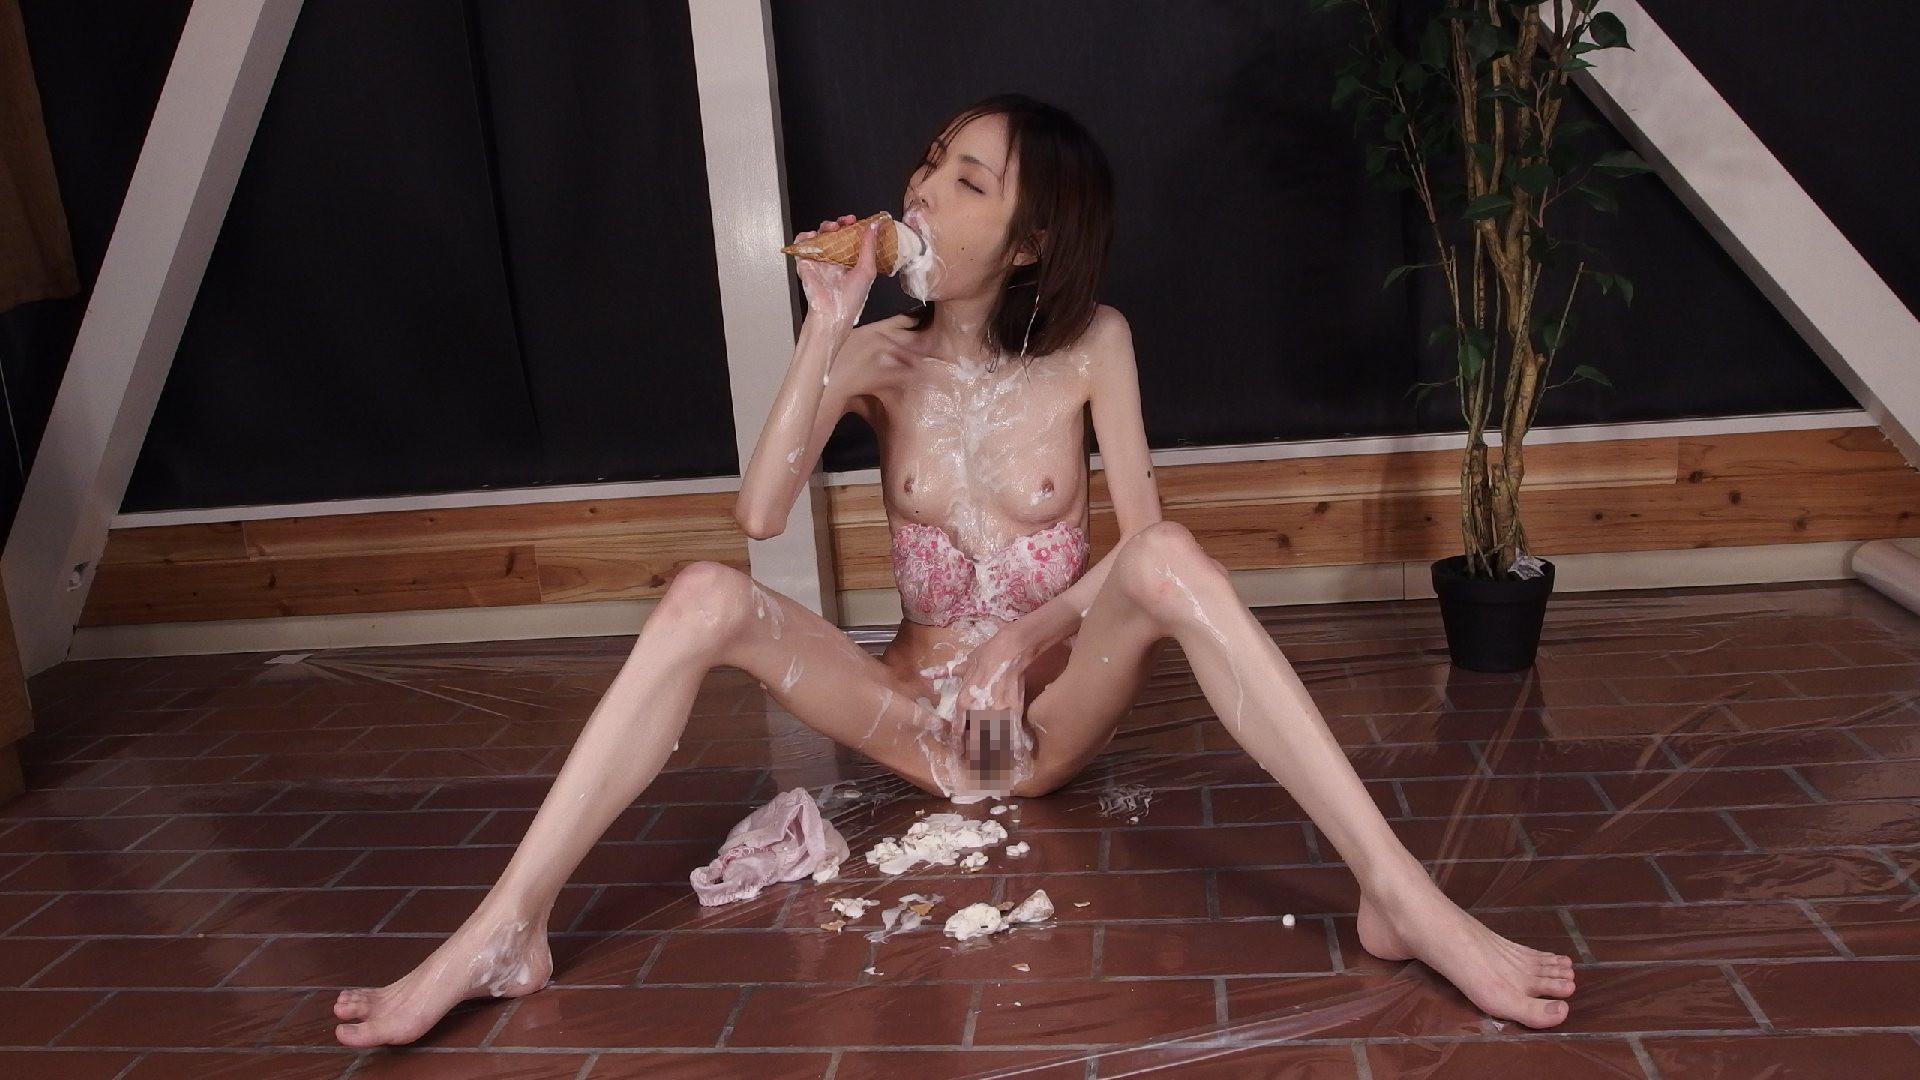 華奢 細い 裸 ガリガリ ヌード エロ画像【31】